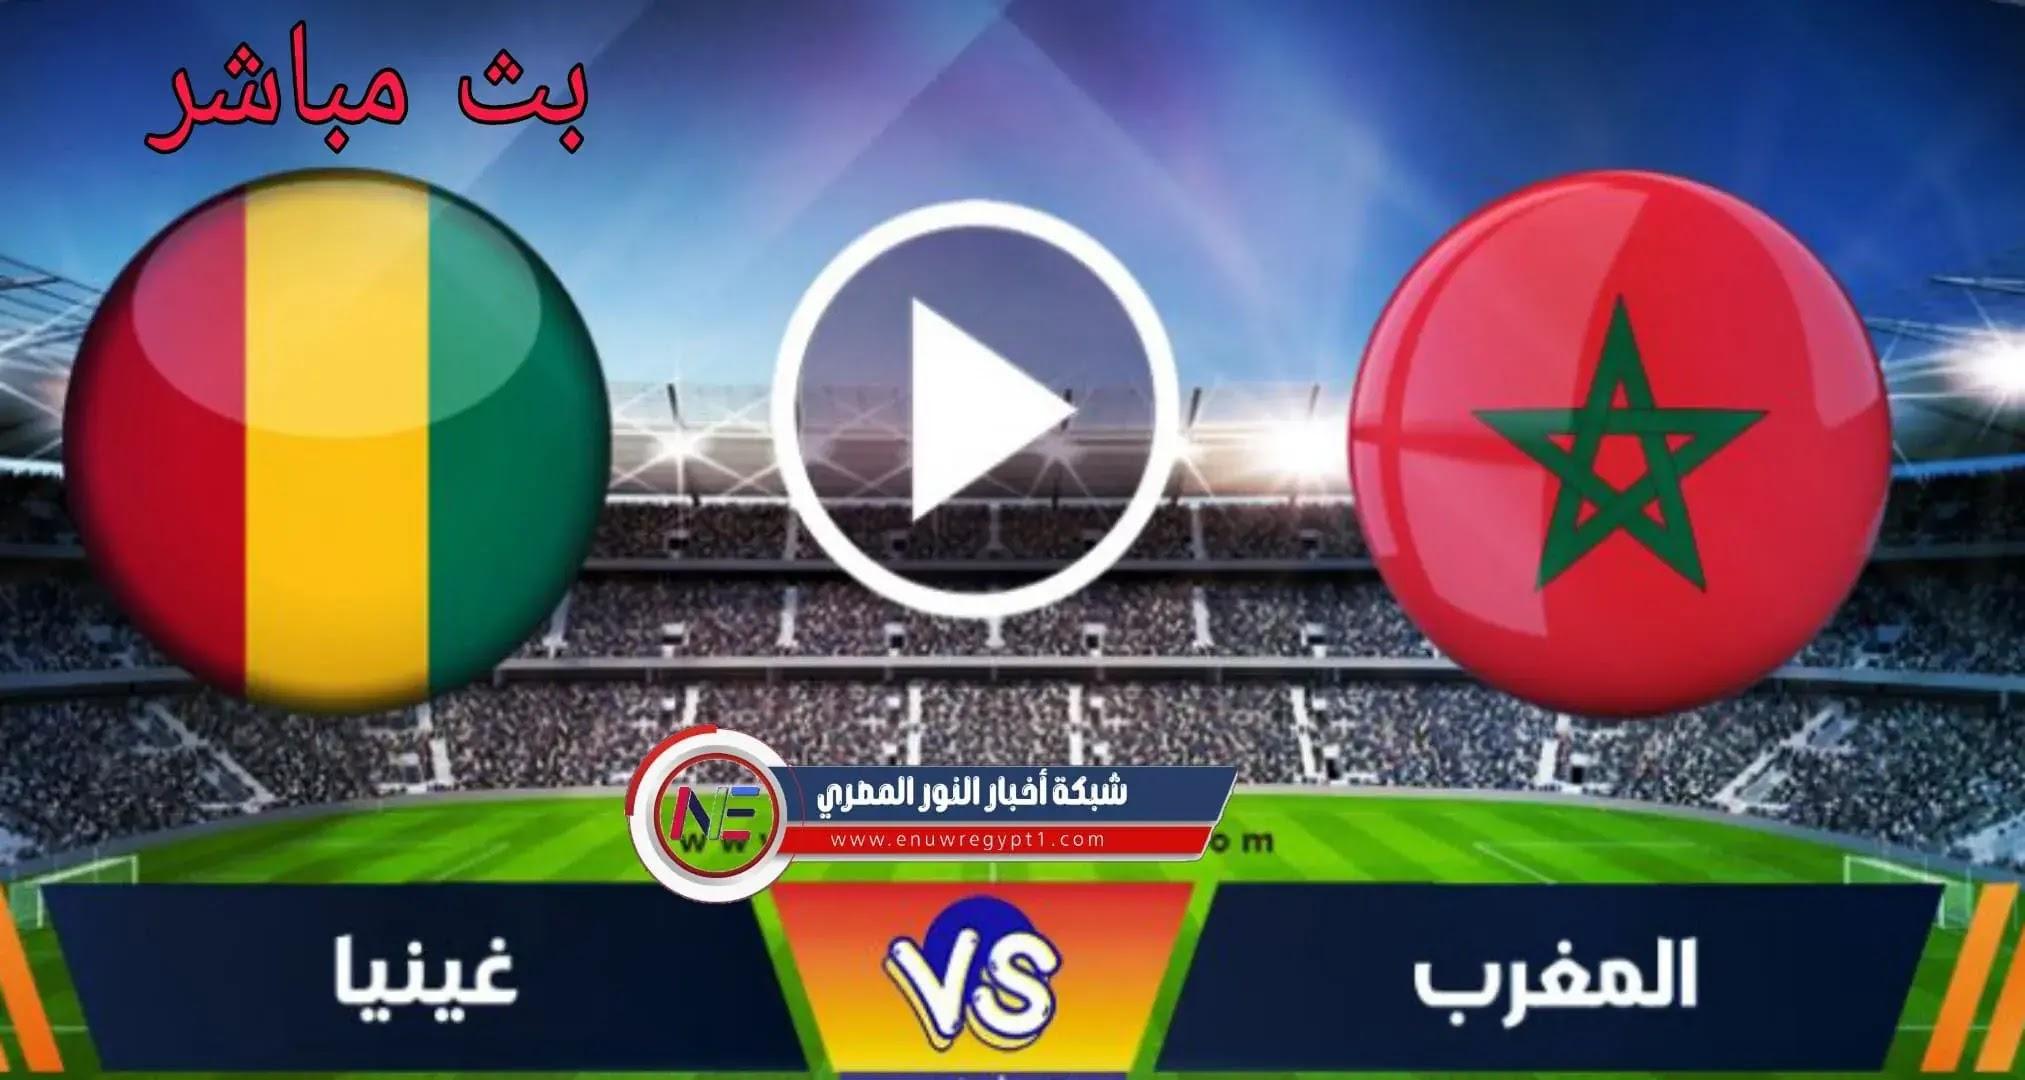 بث مباشر يلا شوت يوتيوب .. بث مباشر مشاهدة مباراة المغرب و غينيا  بث مباشر اليوم 06-09-2021 لايف في تصفيات كأس العالم